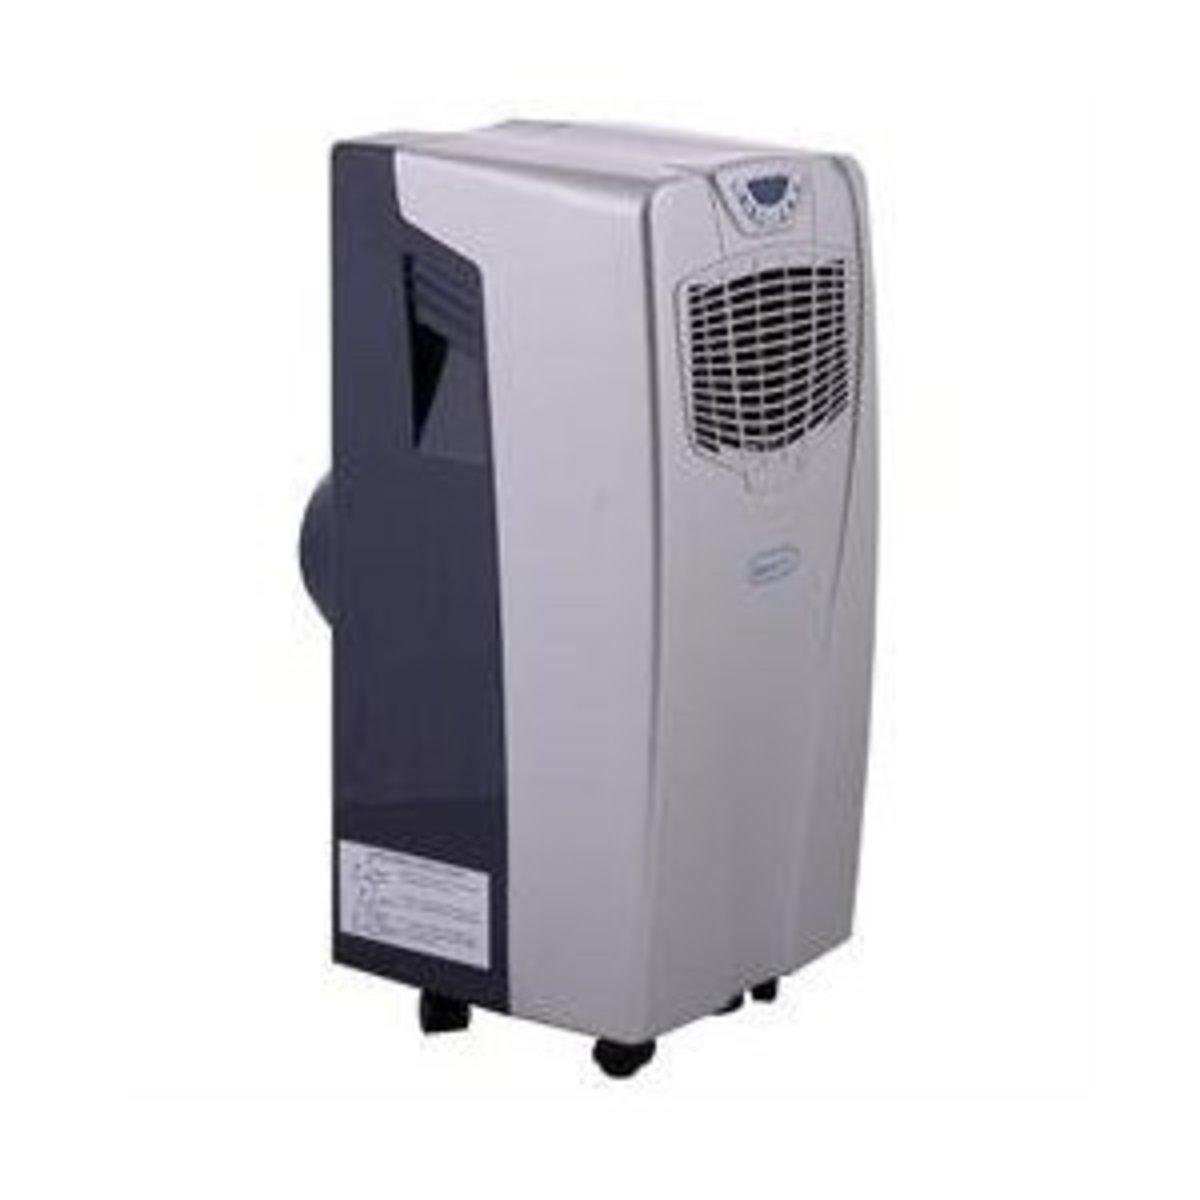 NewAir AC-10000E 10,000 BTU Portable Air Conditioner With AutoEvaporative Technology